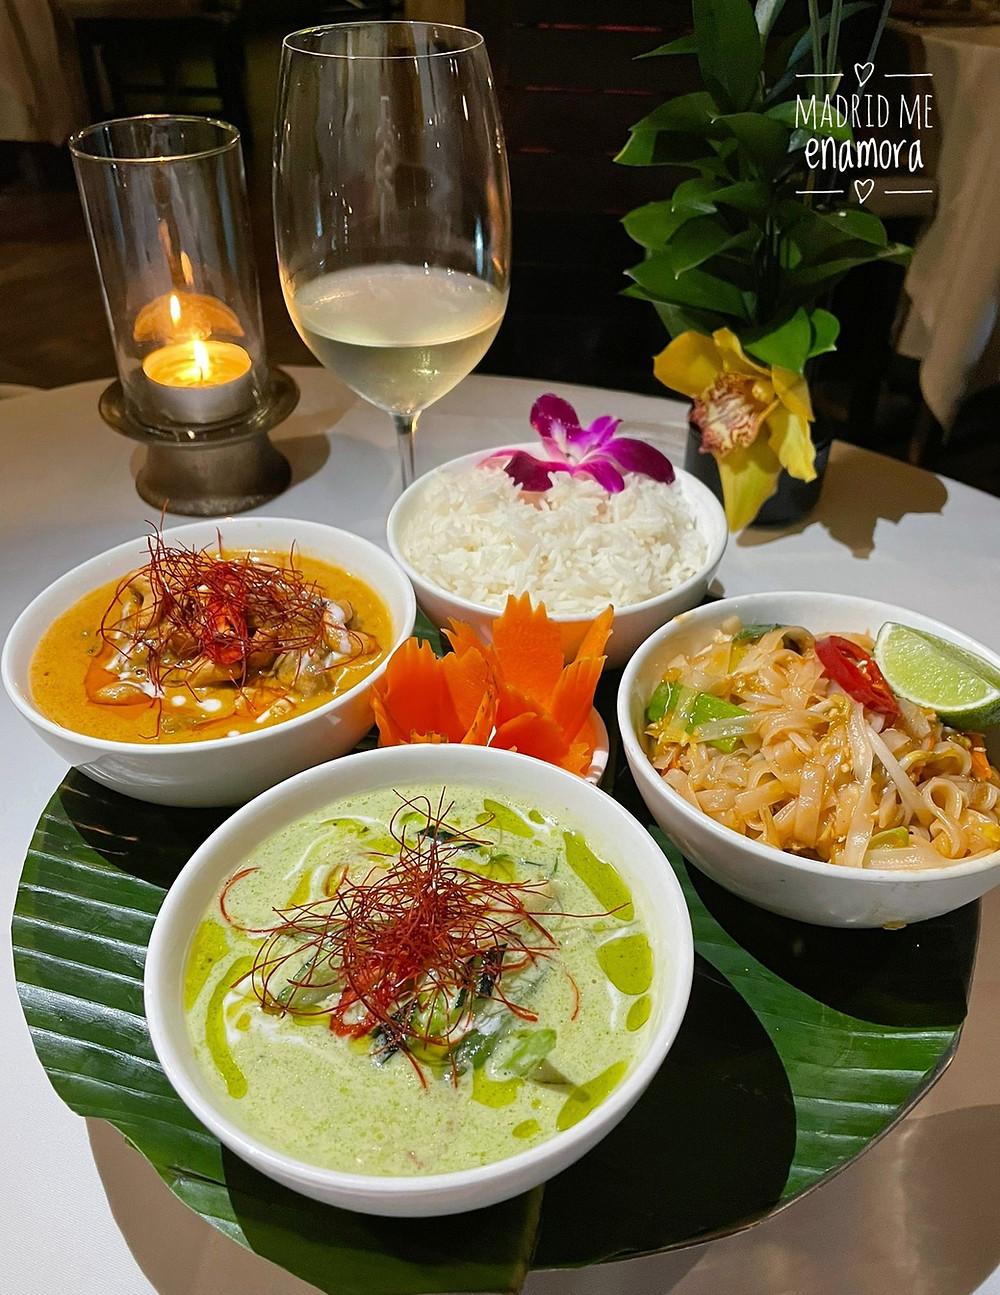 Sabores, matices y texturas en cada uno de los platos de Thai Arturo Soria.